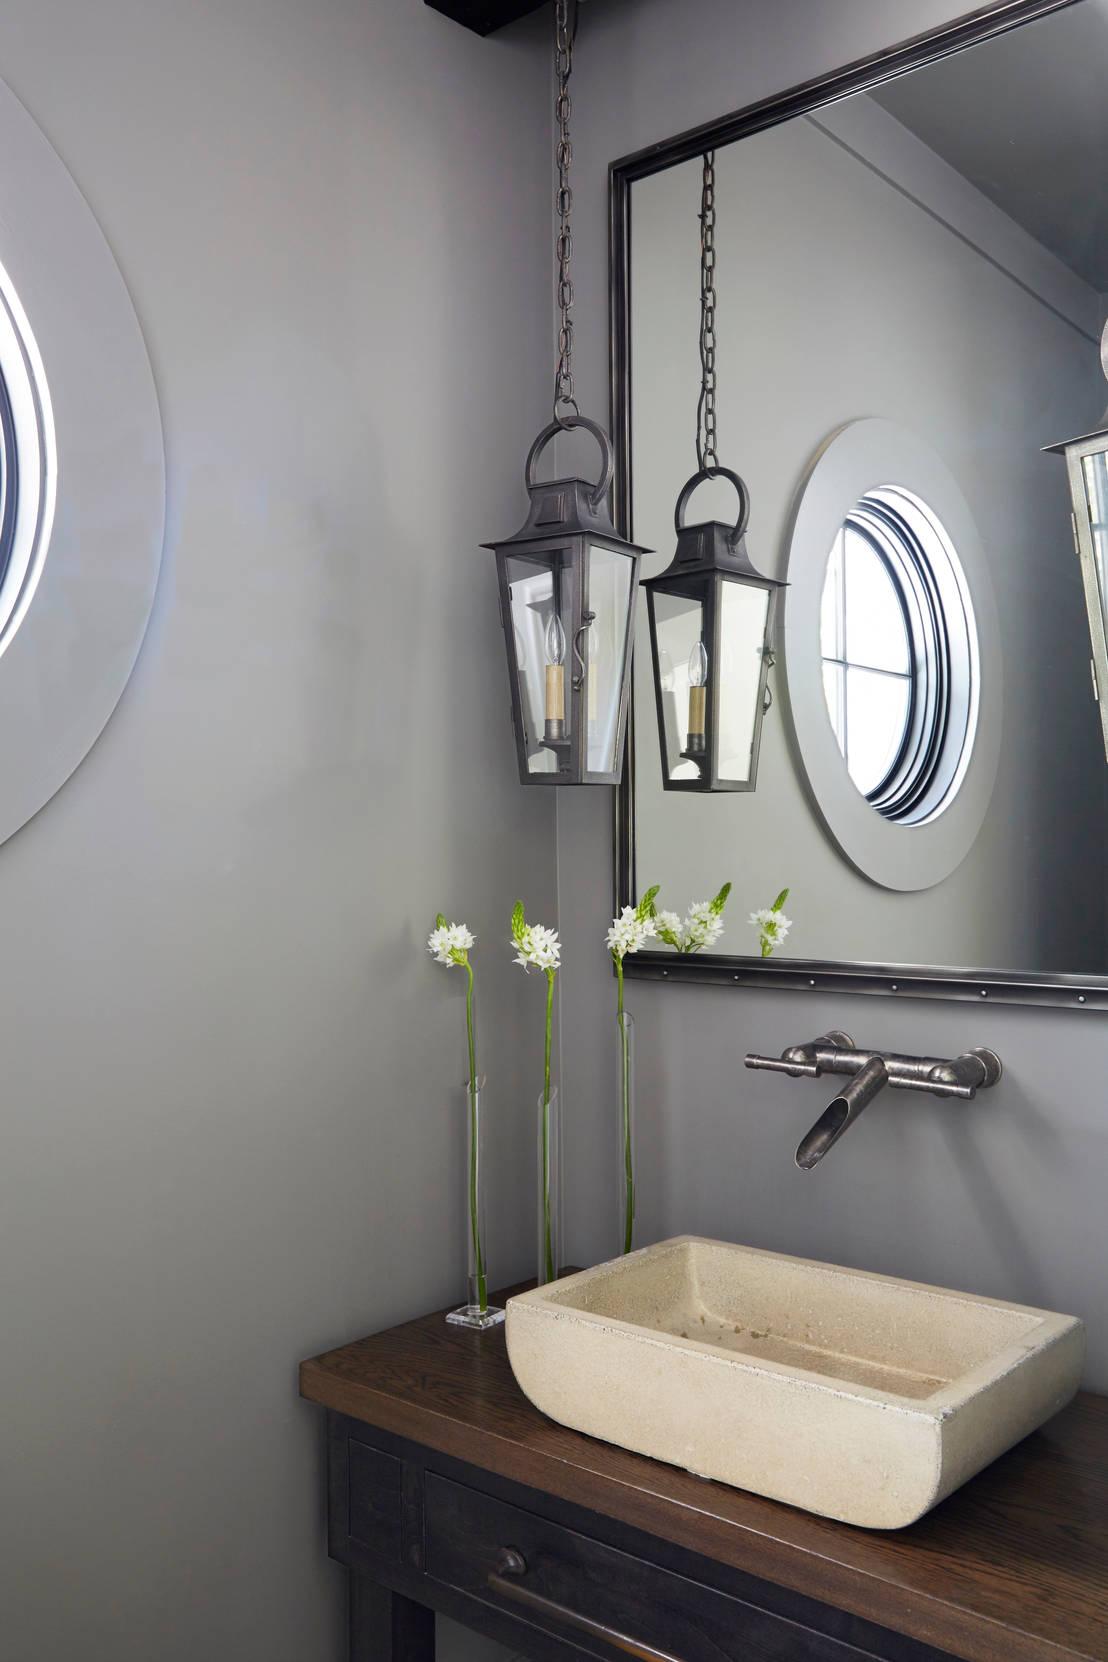 모든 차이를 만드는 작은 시작. 욕실 세부 장식 아이디어